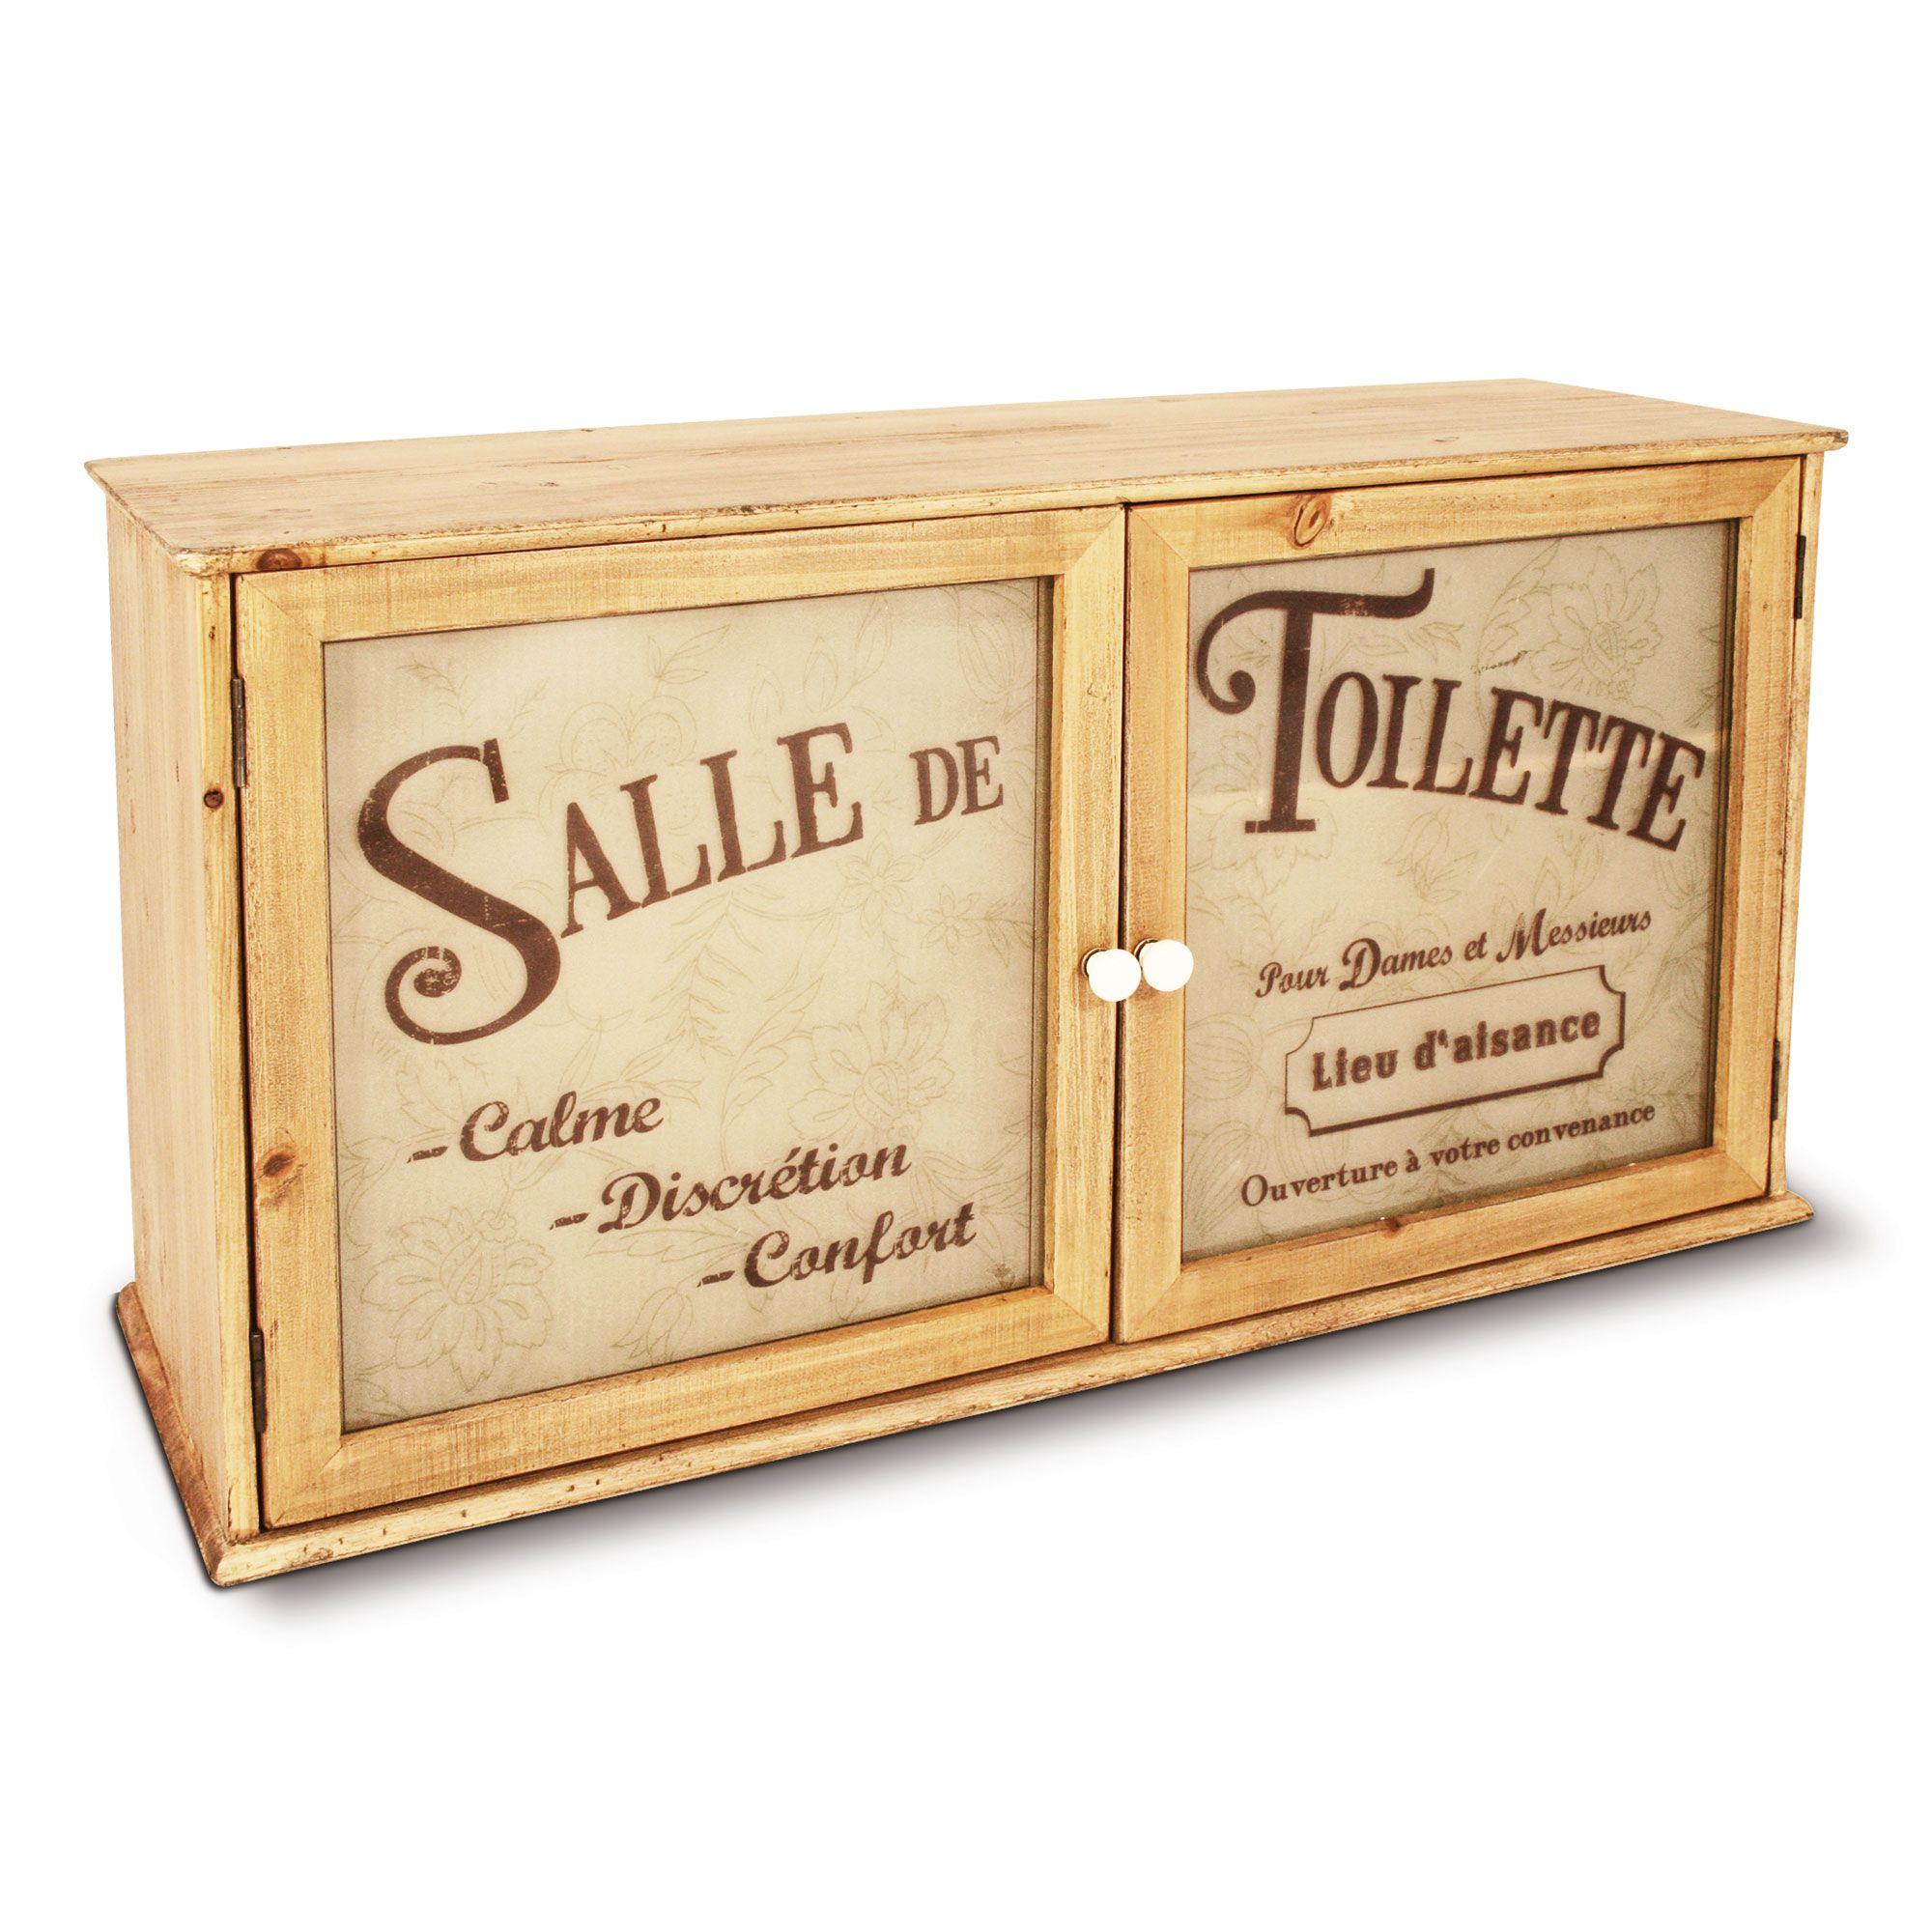 meuble wc en bois 2 portes salle de toilette baln o natives prix promo delamaison ttc. Black Bedroom Furniture Sets. Home Design Ideas